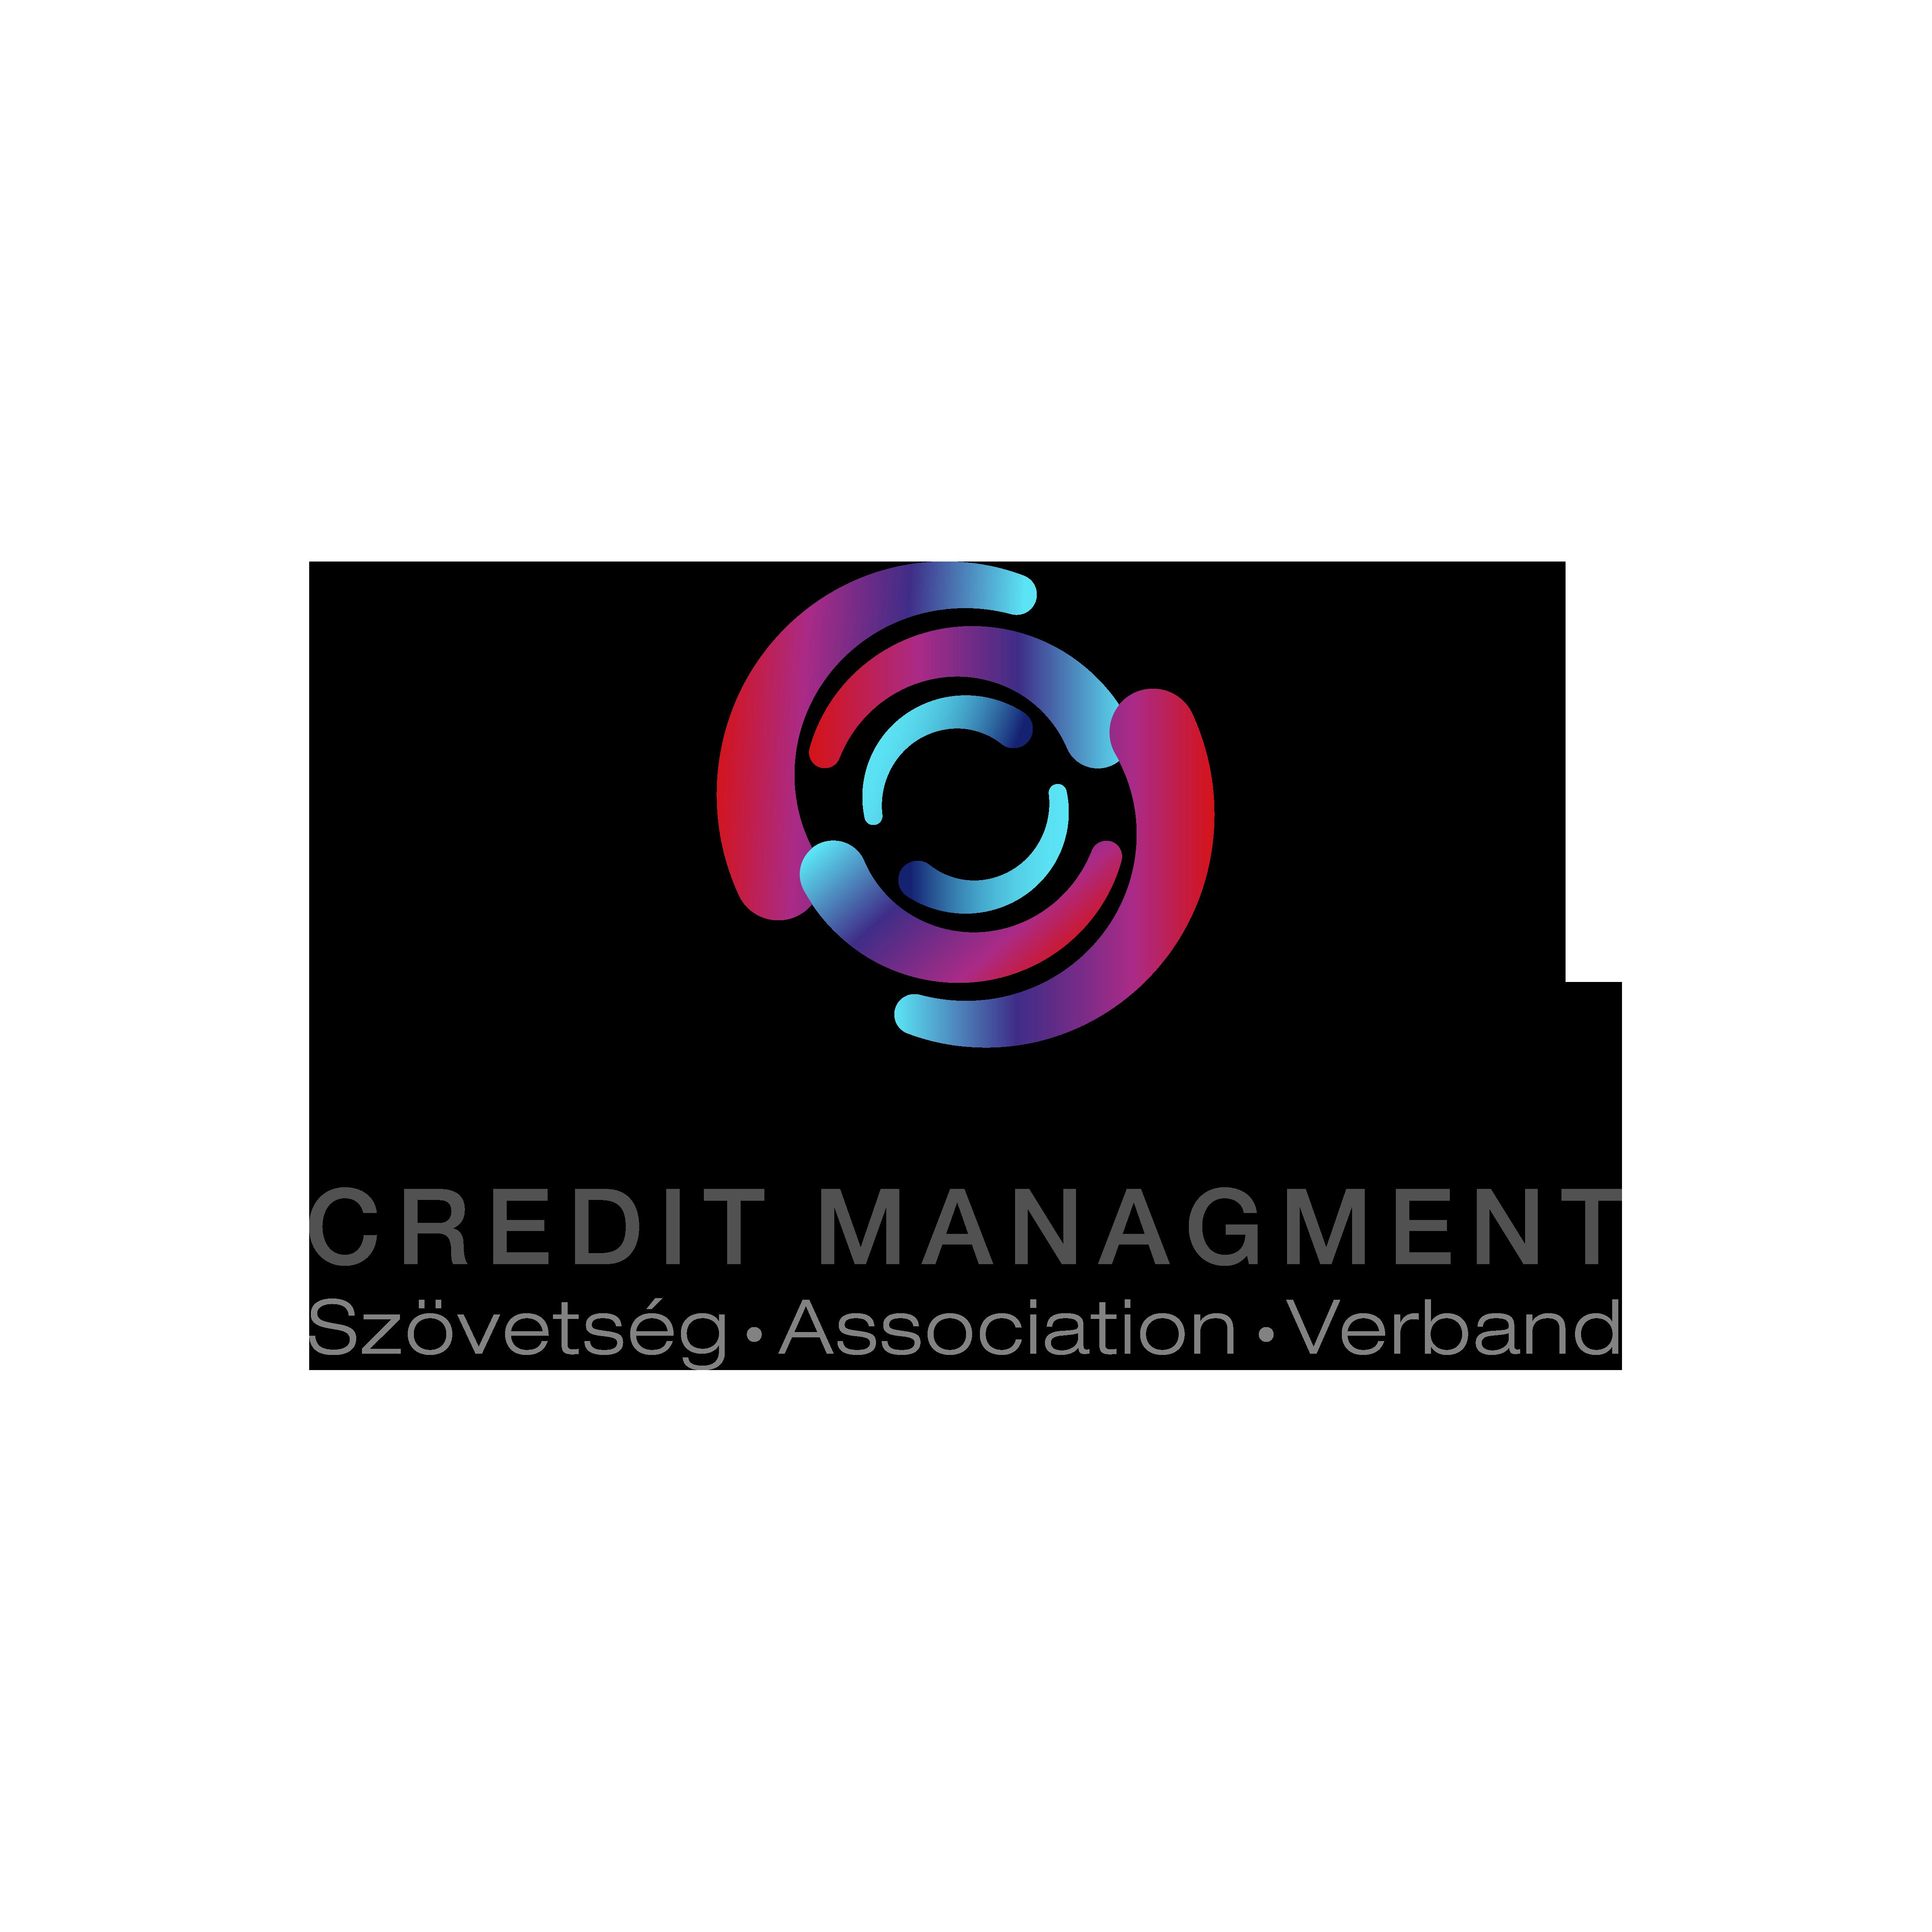 Creditmanagement szövetség